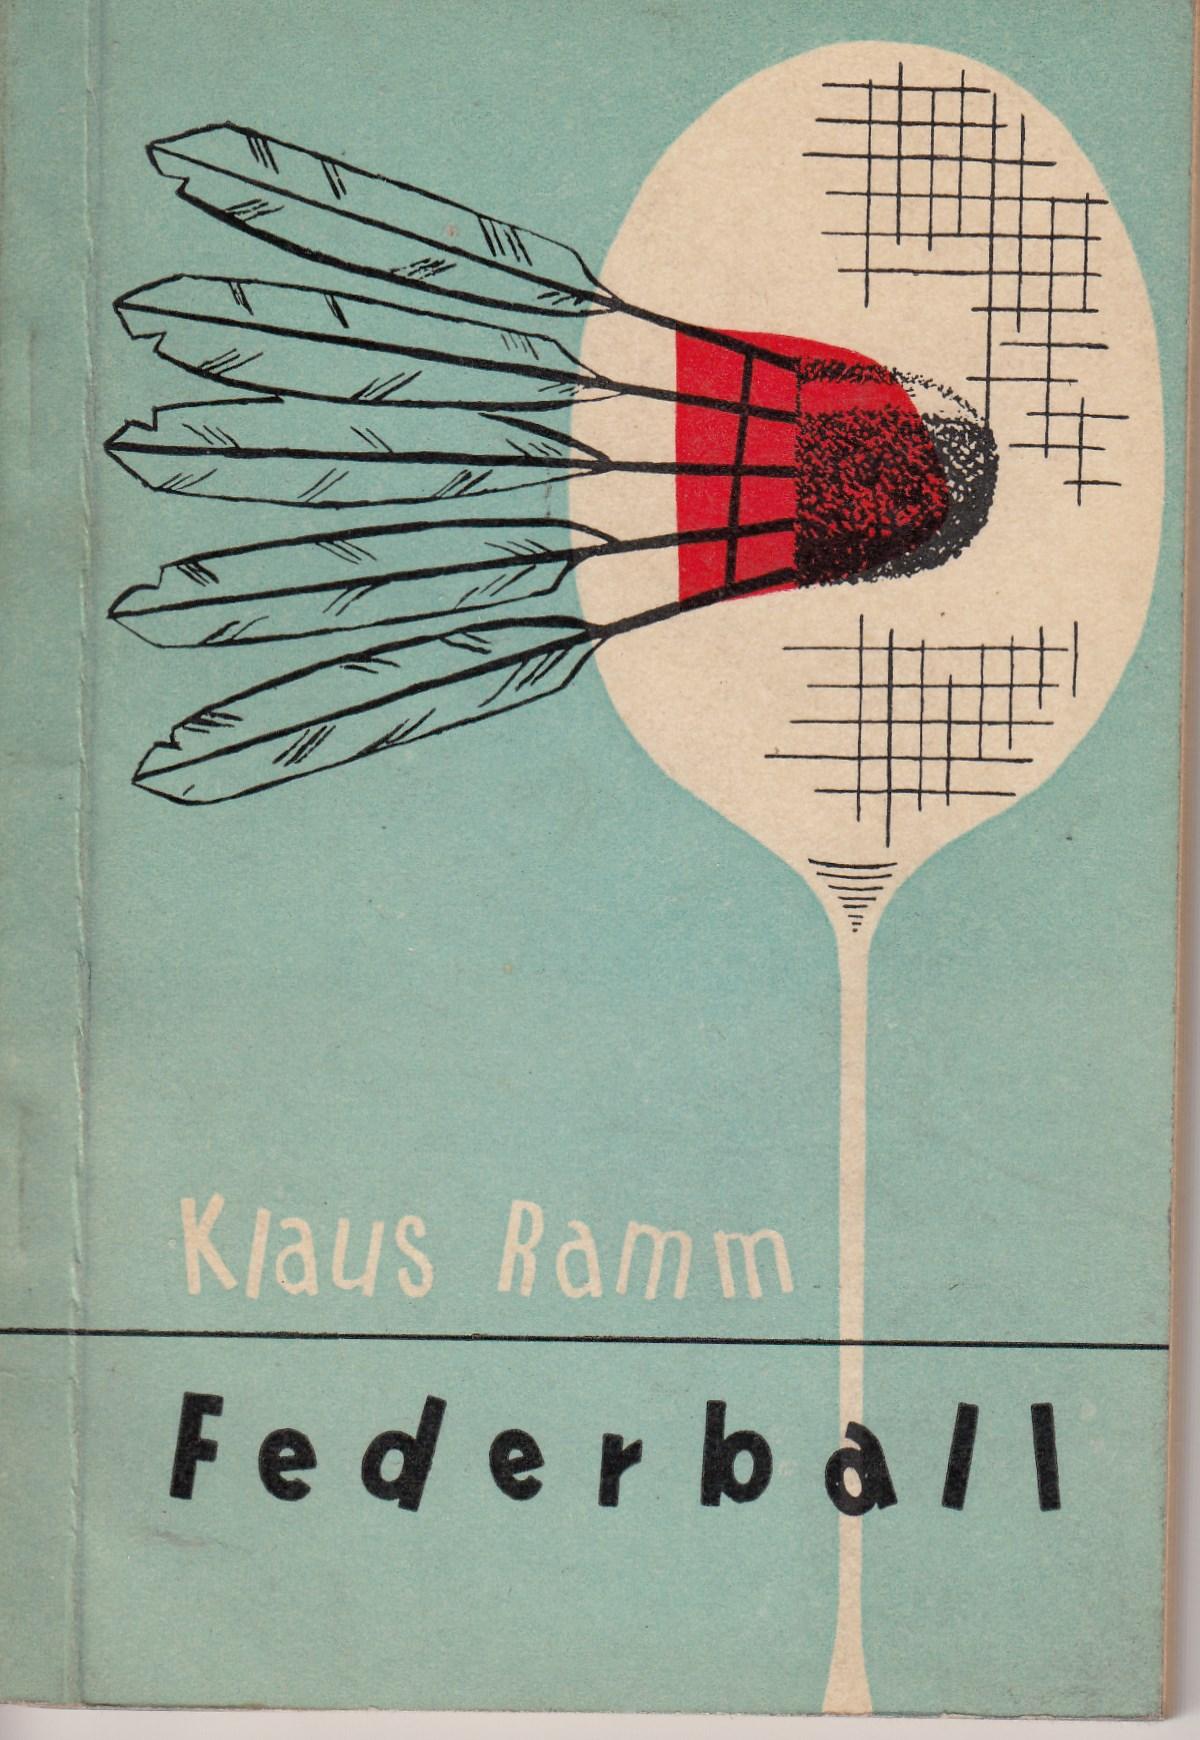 Federball. Ein Büchlein mit Spielregeln und Wettspielordnung der Sportart. Mit 12 Fotos, Zeichnungen von Gert Marhold, 7 Schemata. 2. überarbeitete und verbesserte Aufl.,